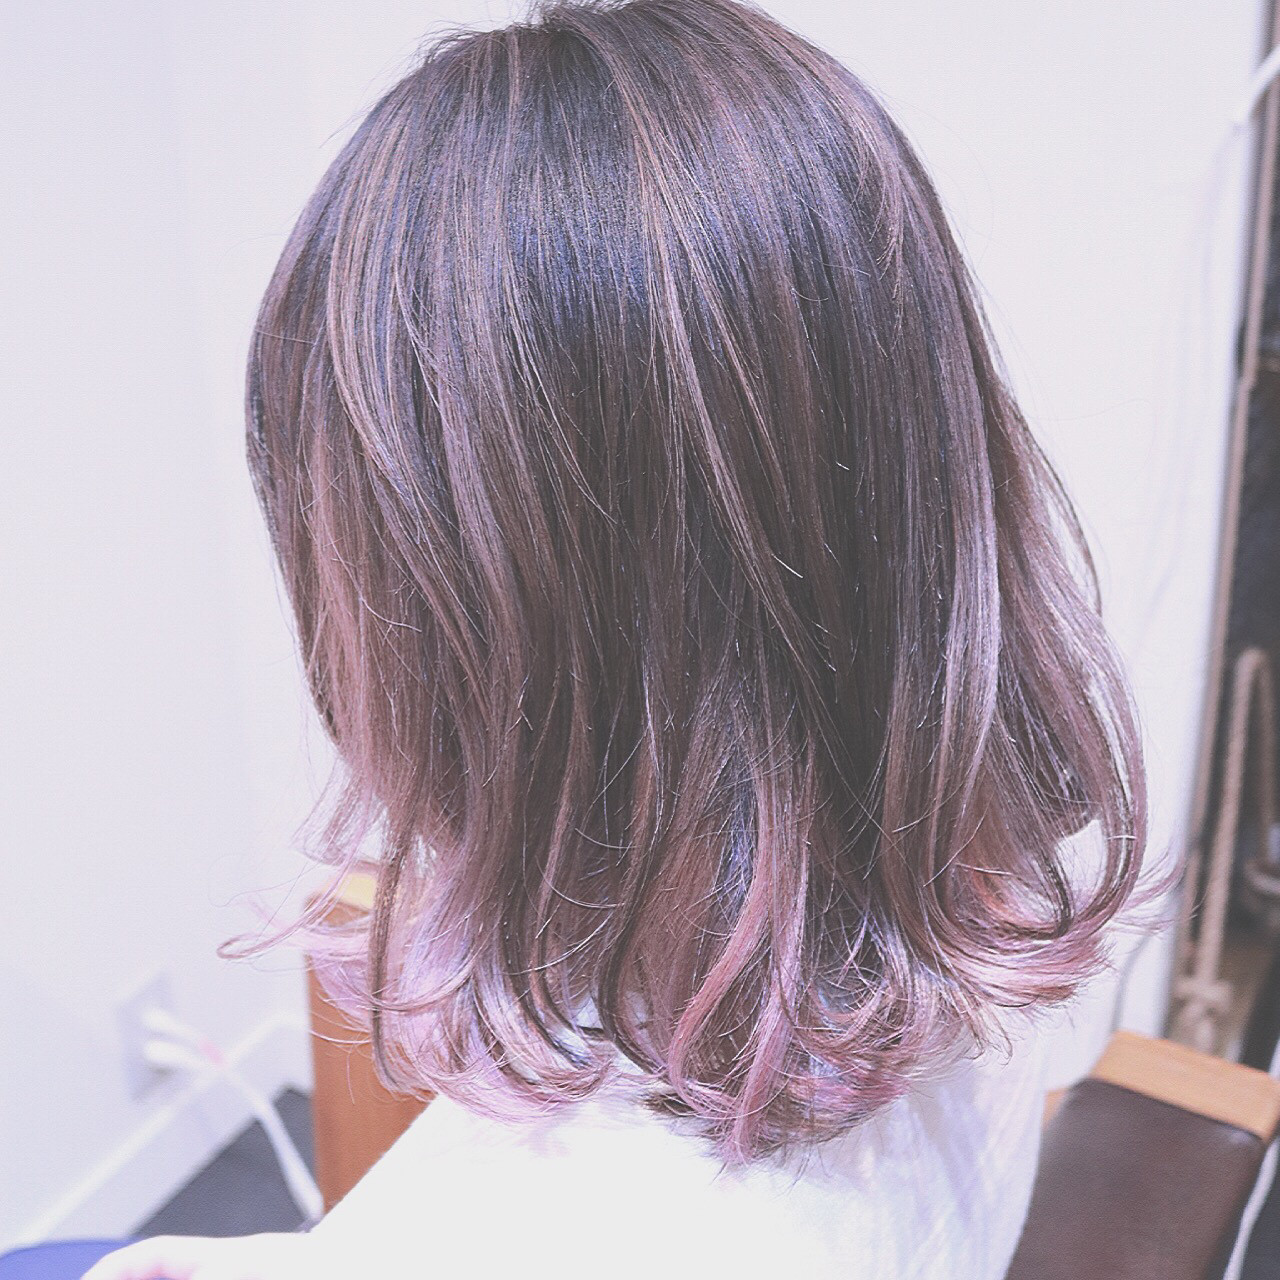 ミルクティー バレイヤージュ ピンク グラデーションカラー ヘアスタイルや髪型の写真・画像